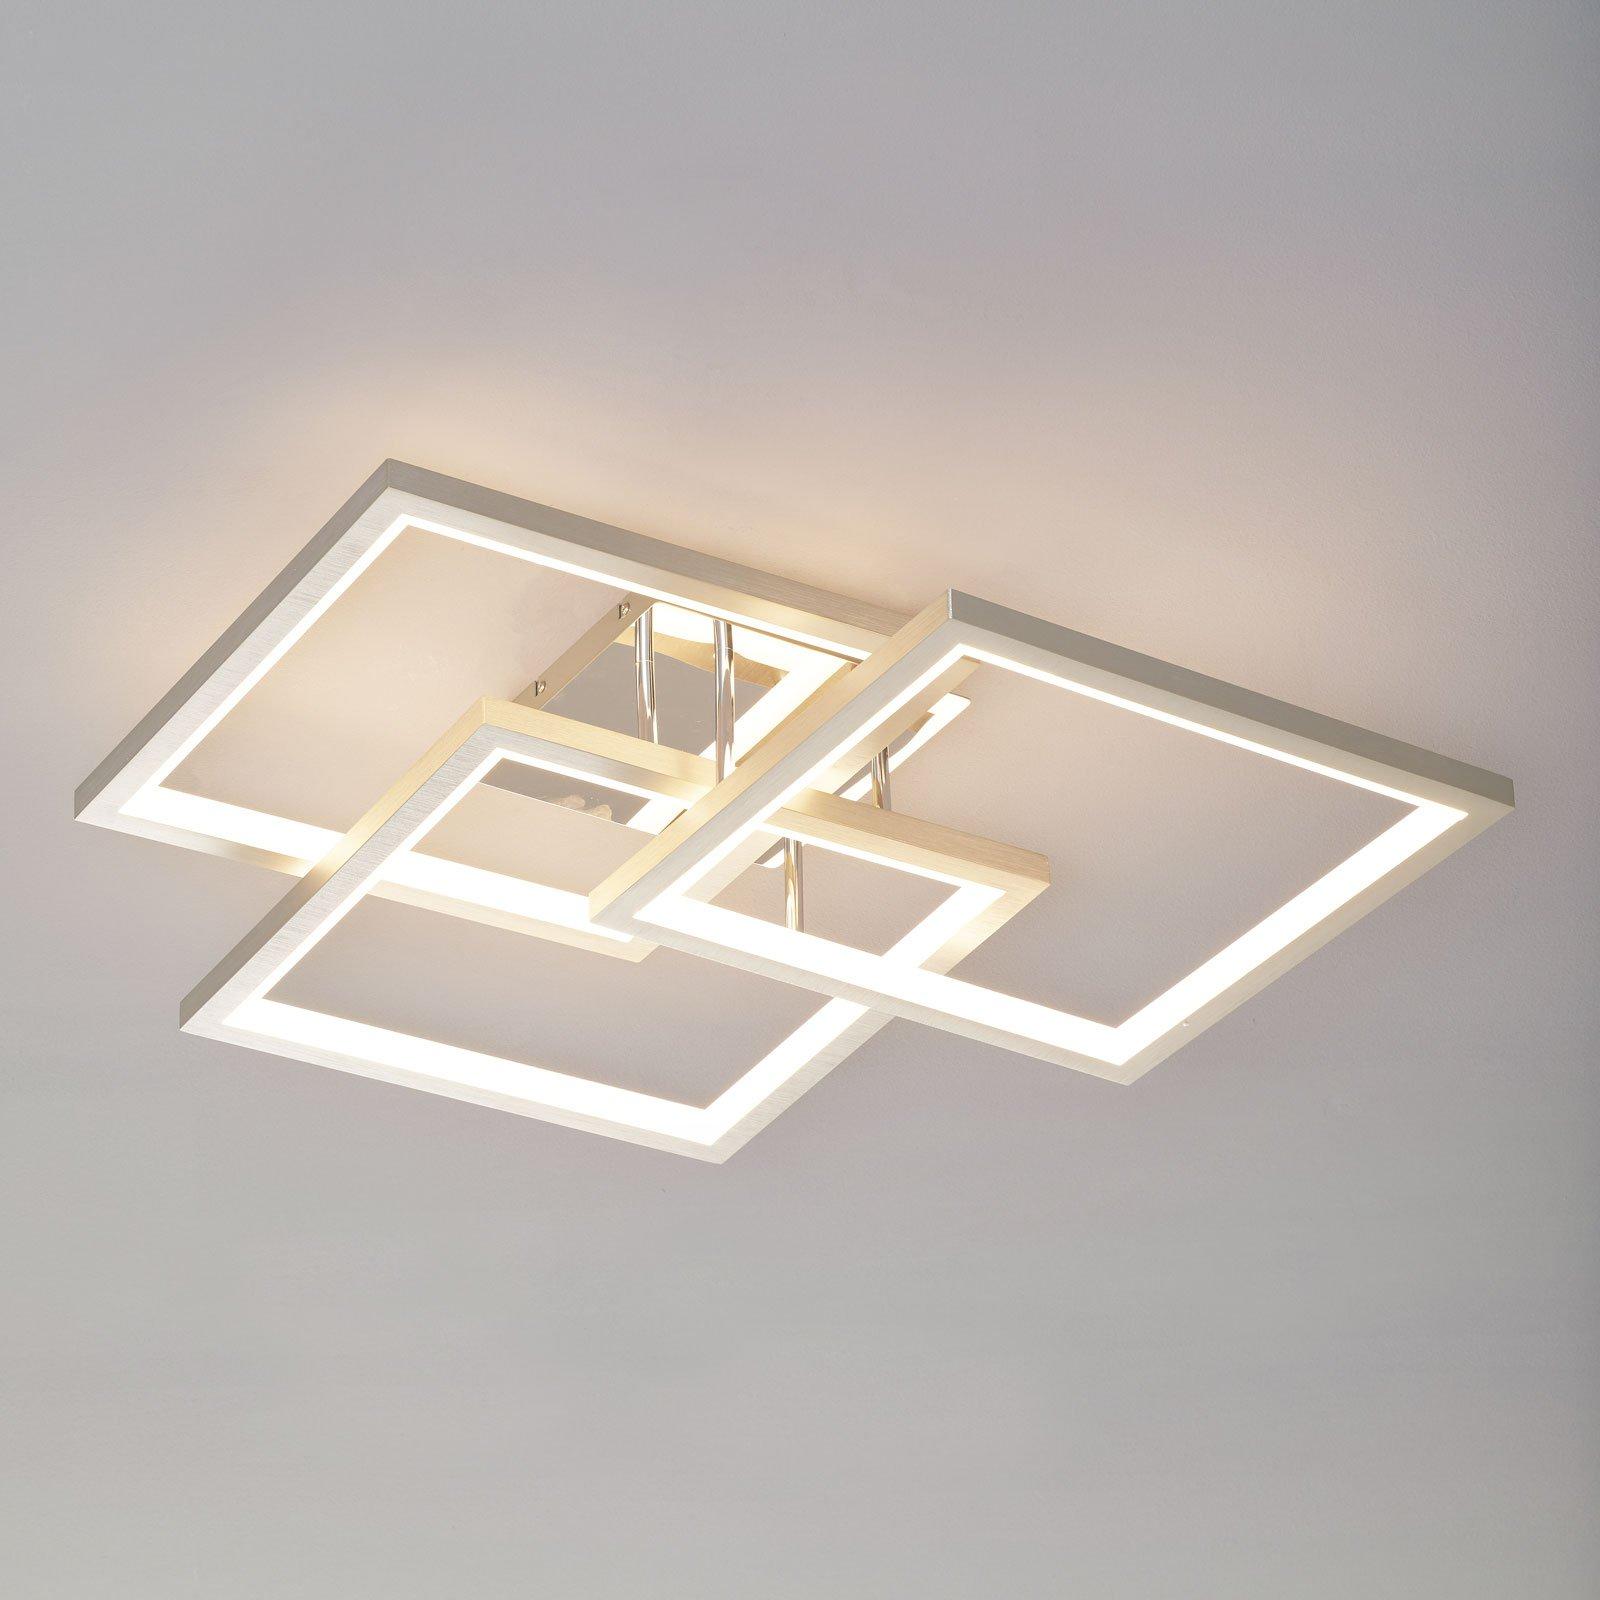 Effektfull LED-taklampe Viso, dimbar